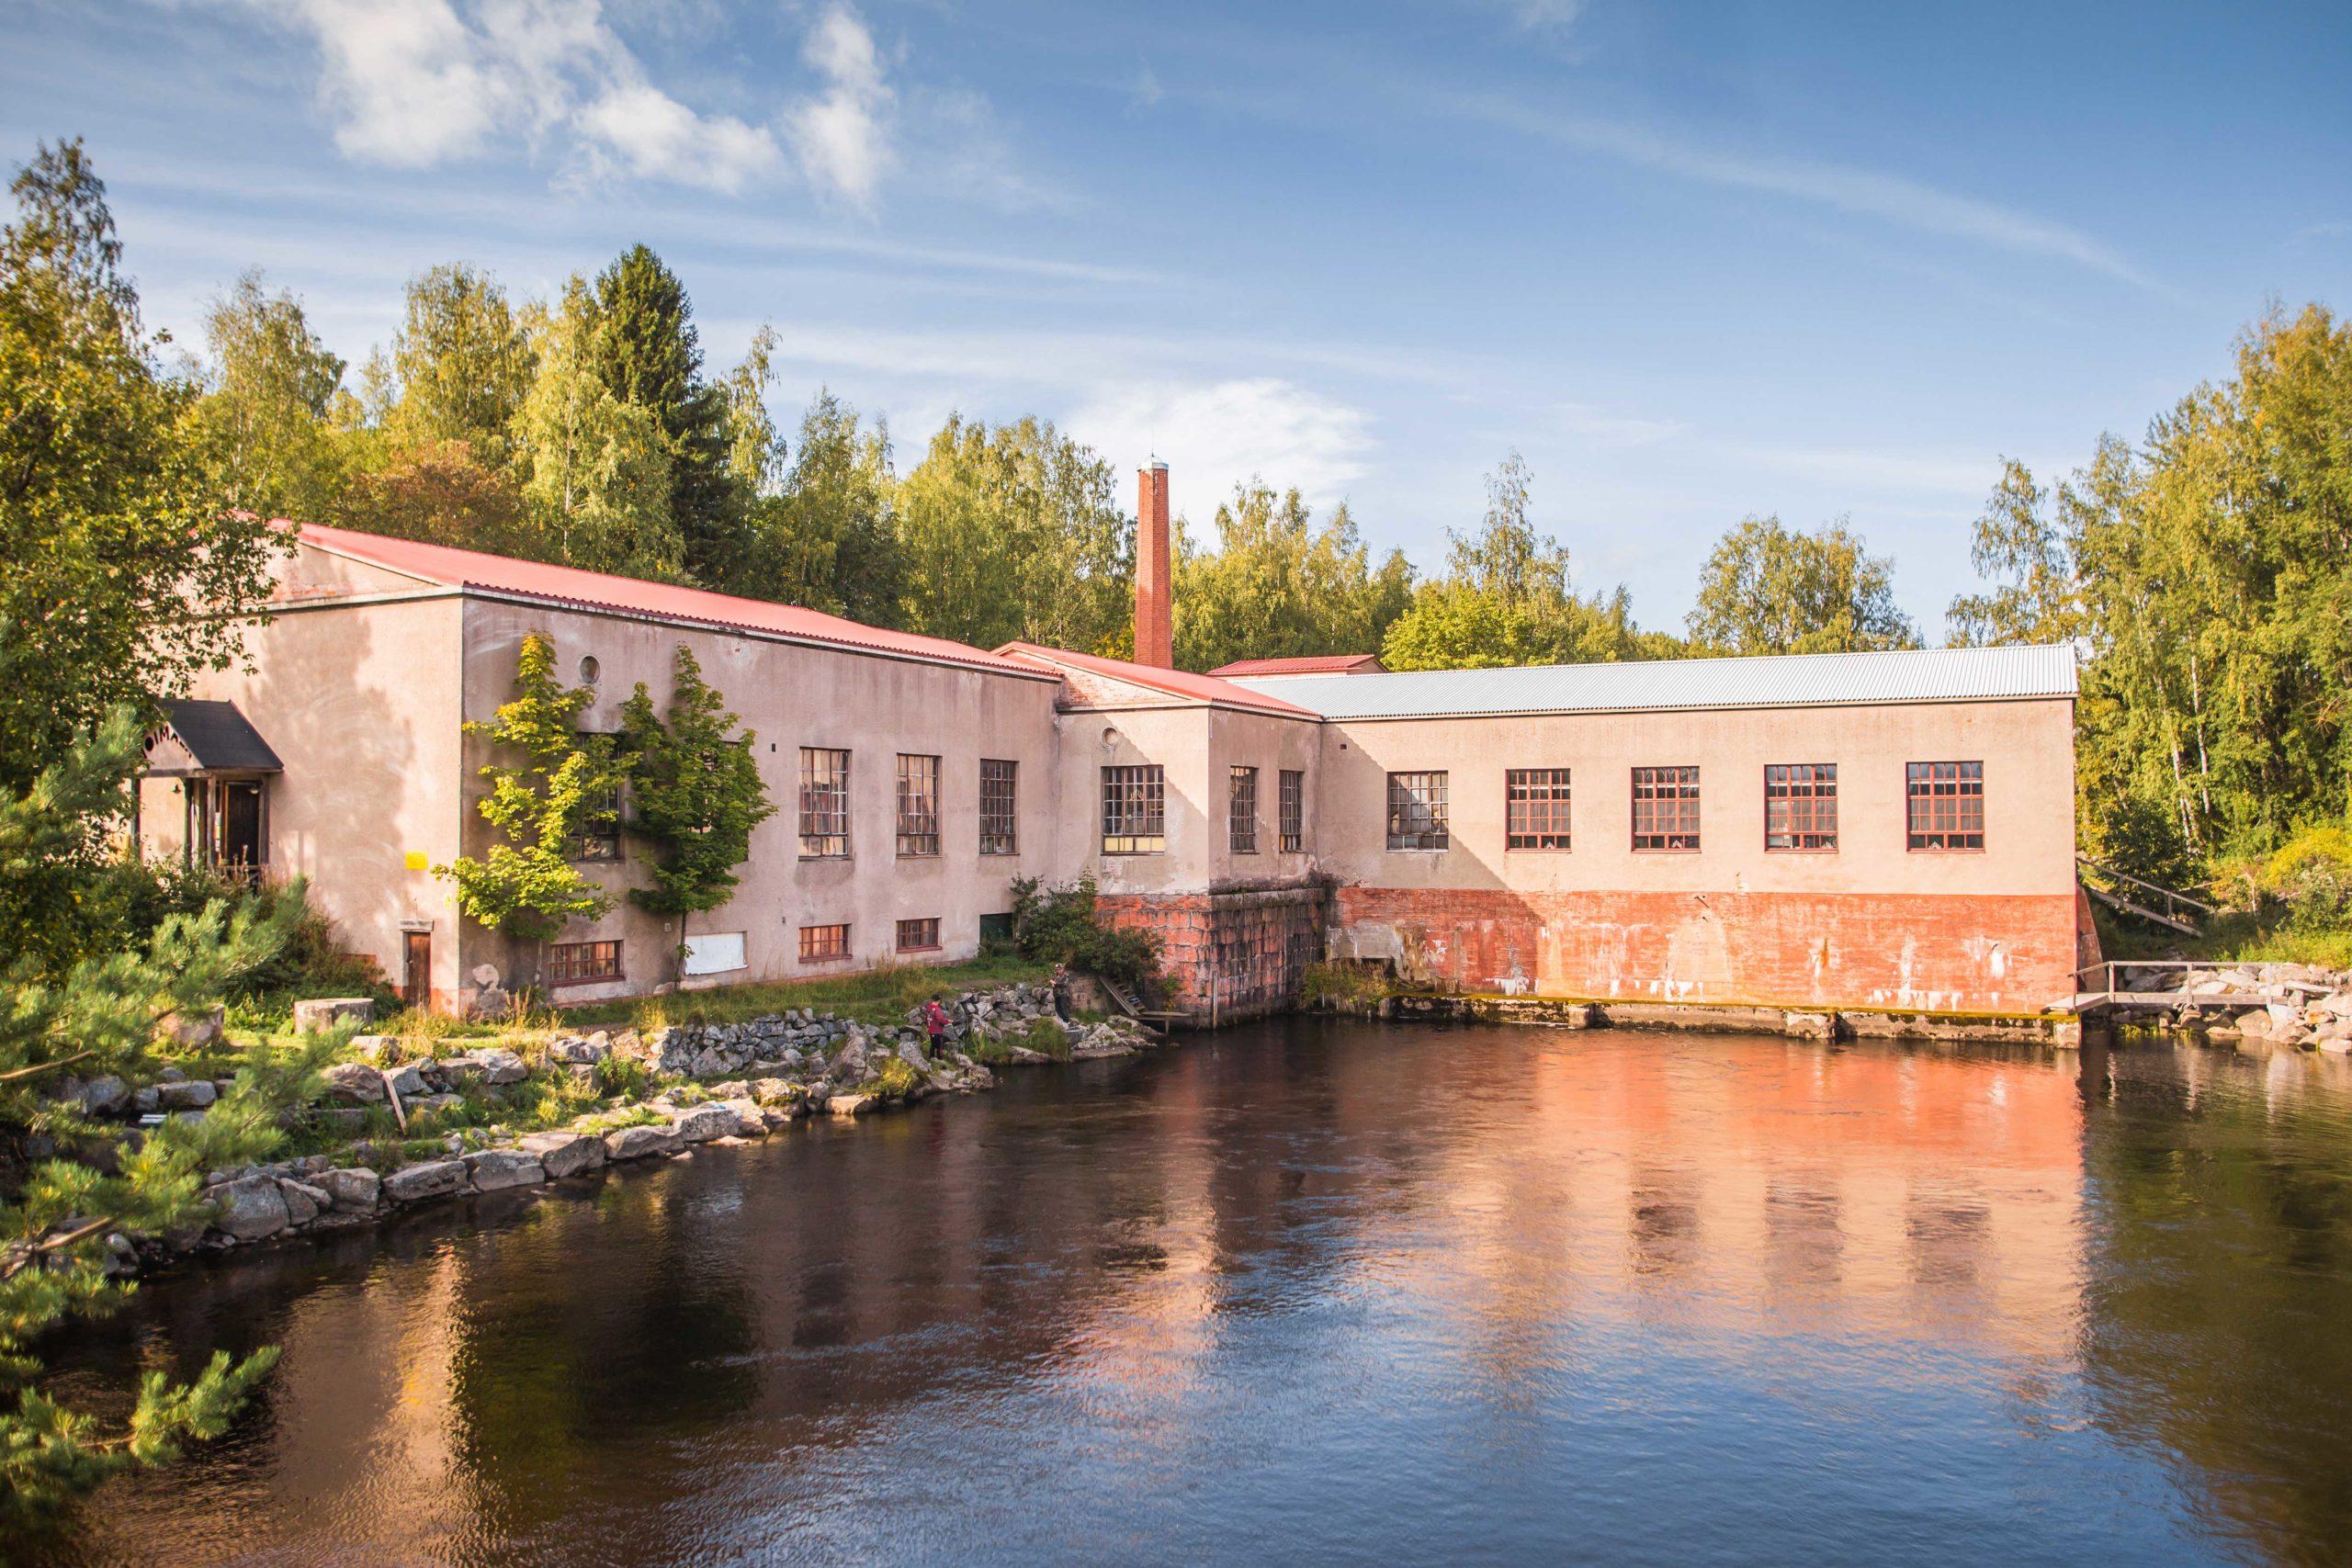 Siuronkosken rannalla on vanha voimalaitos, joka on yksi Siuron nähtävyyksistä.